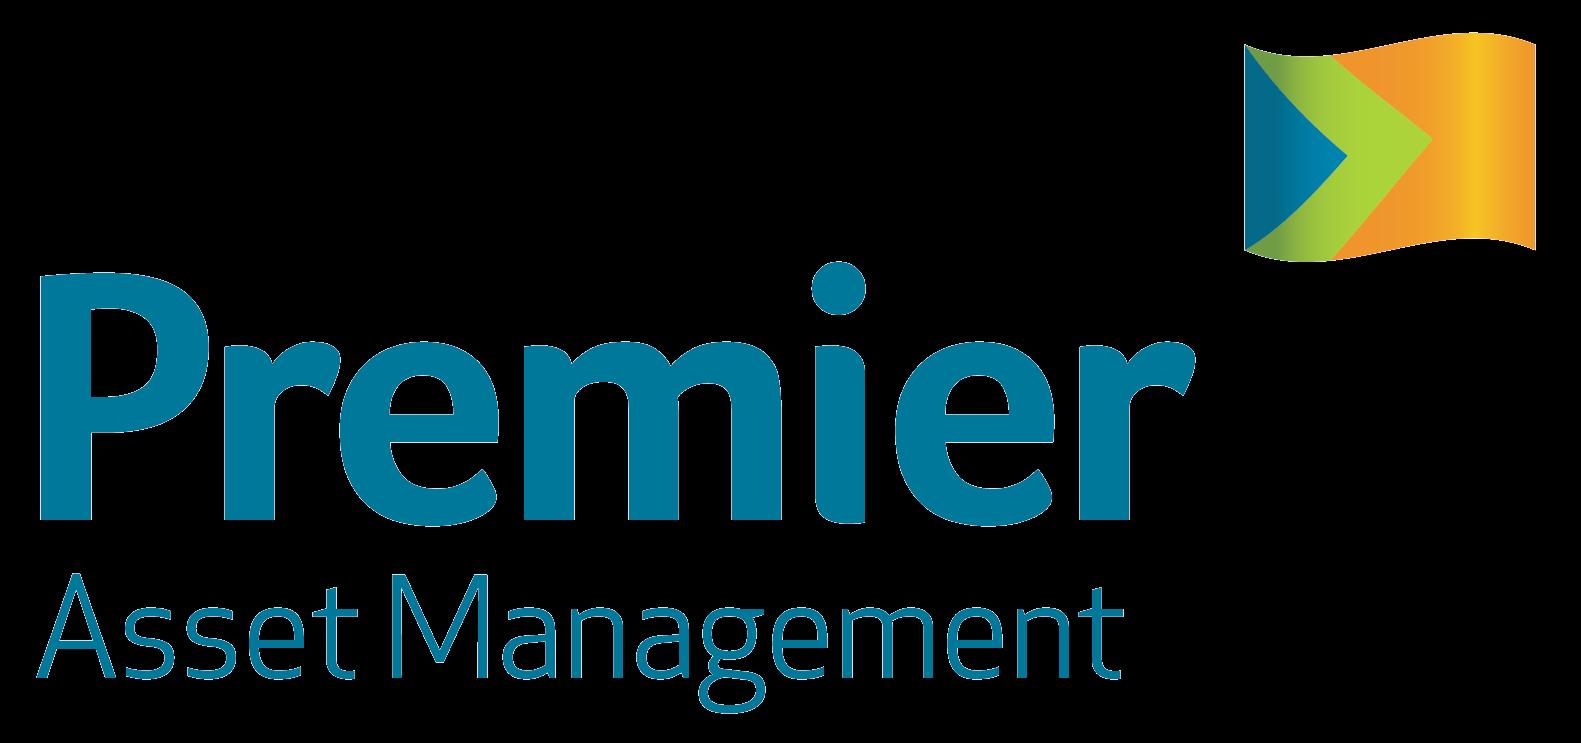 Premier Asset Management Transparent.png